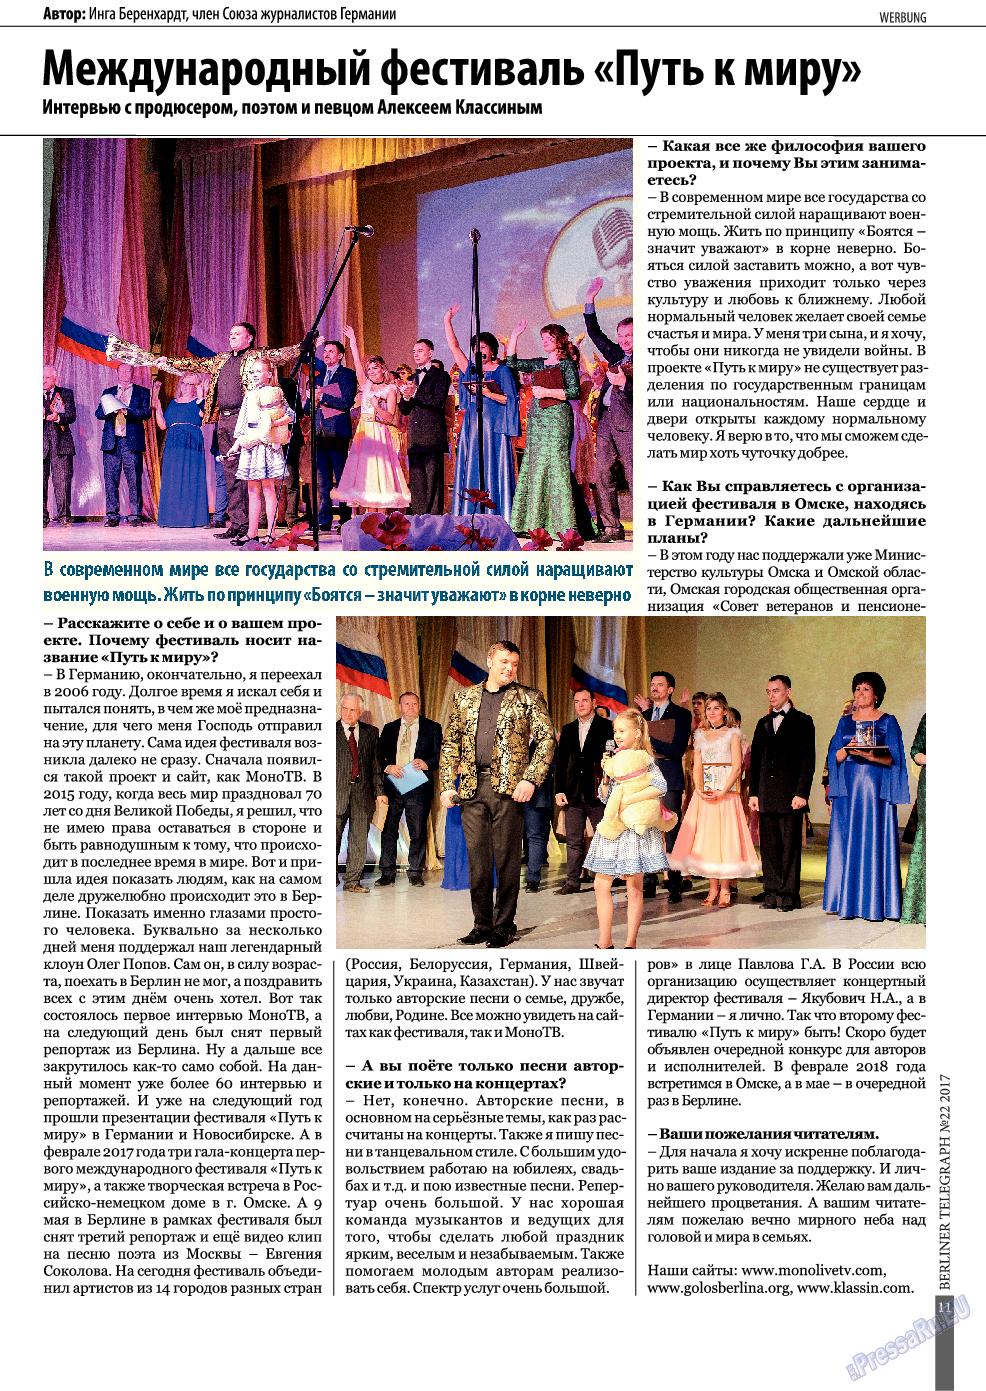 Берлинский телеграф (журнал). 2017 год, номер 22, стр. 11